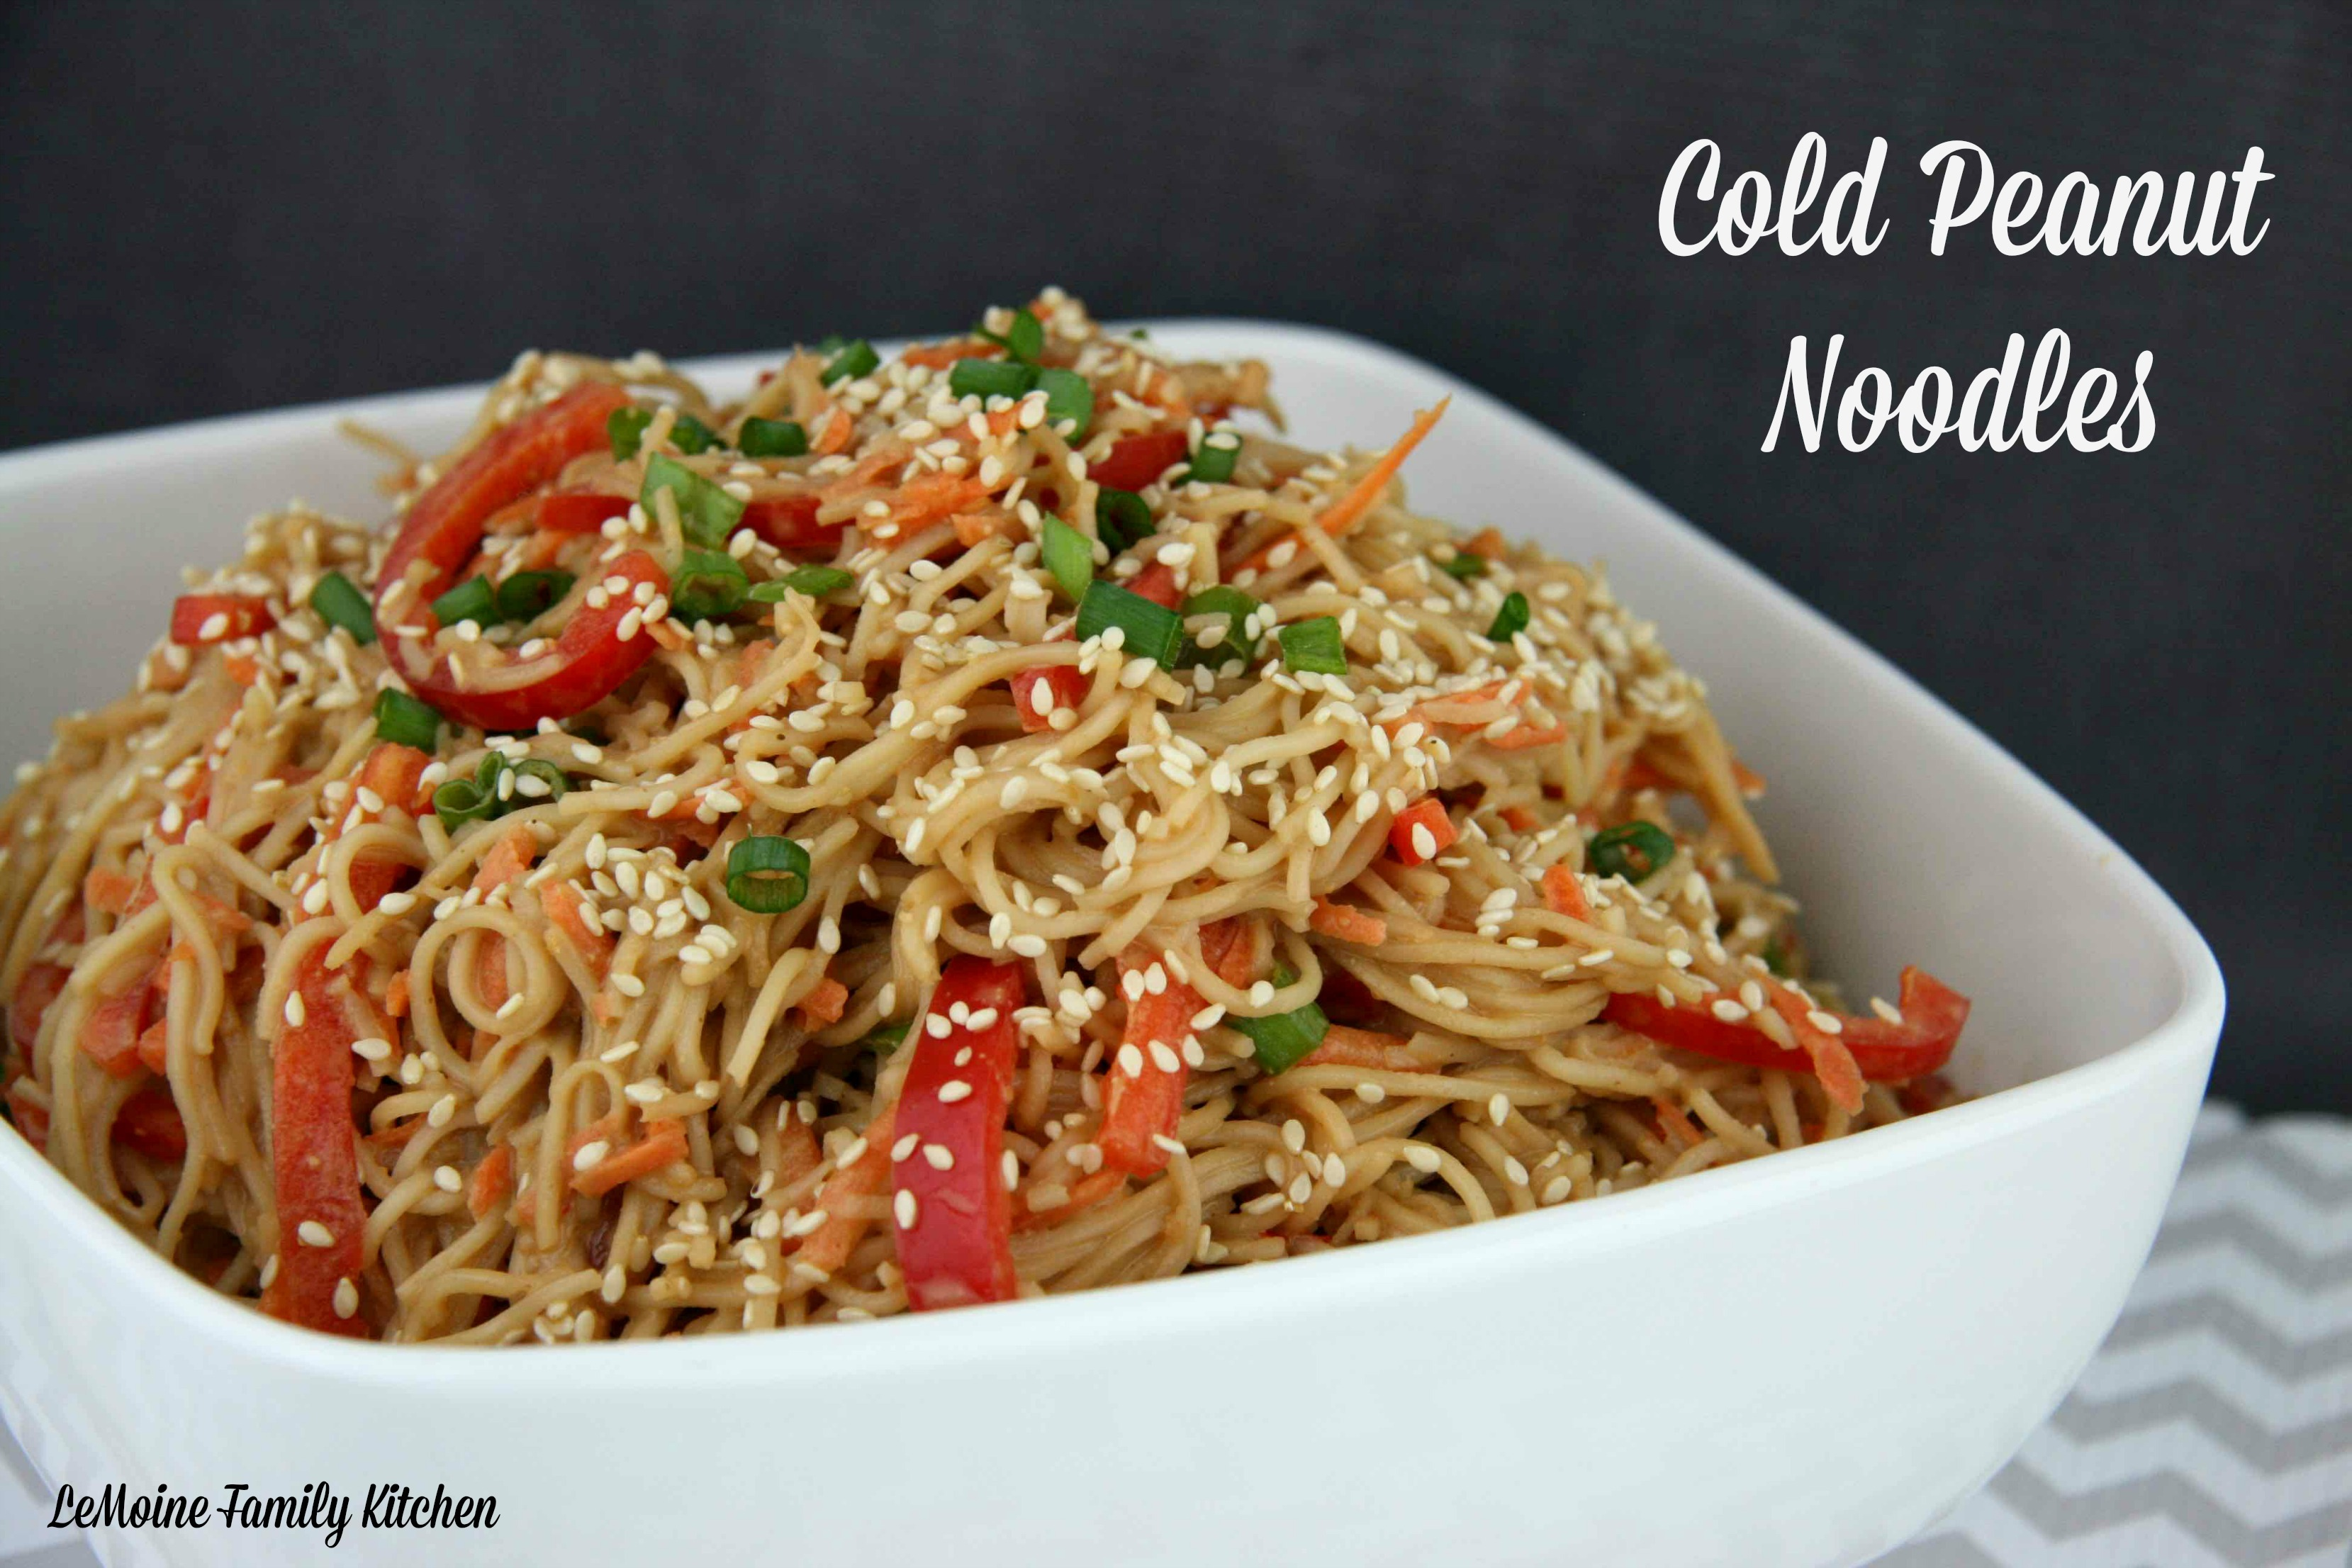 Cold Peanut Noodles